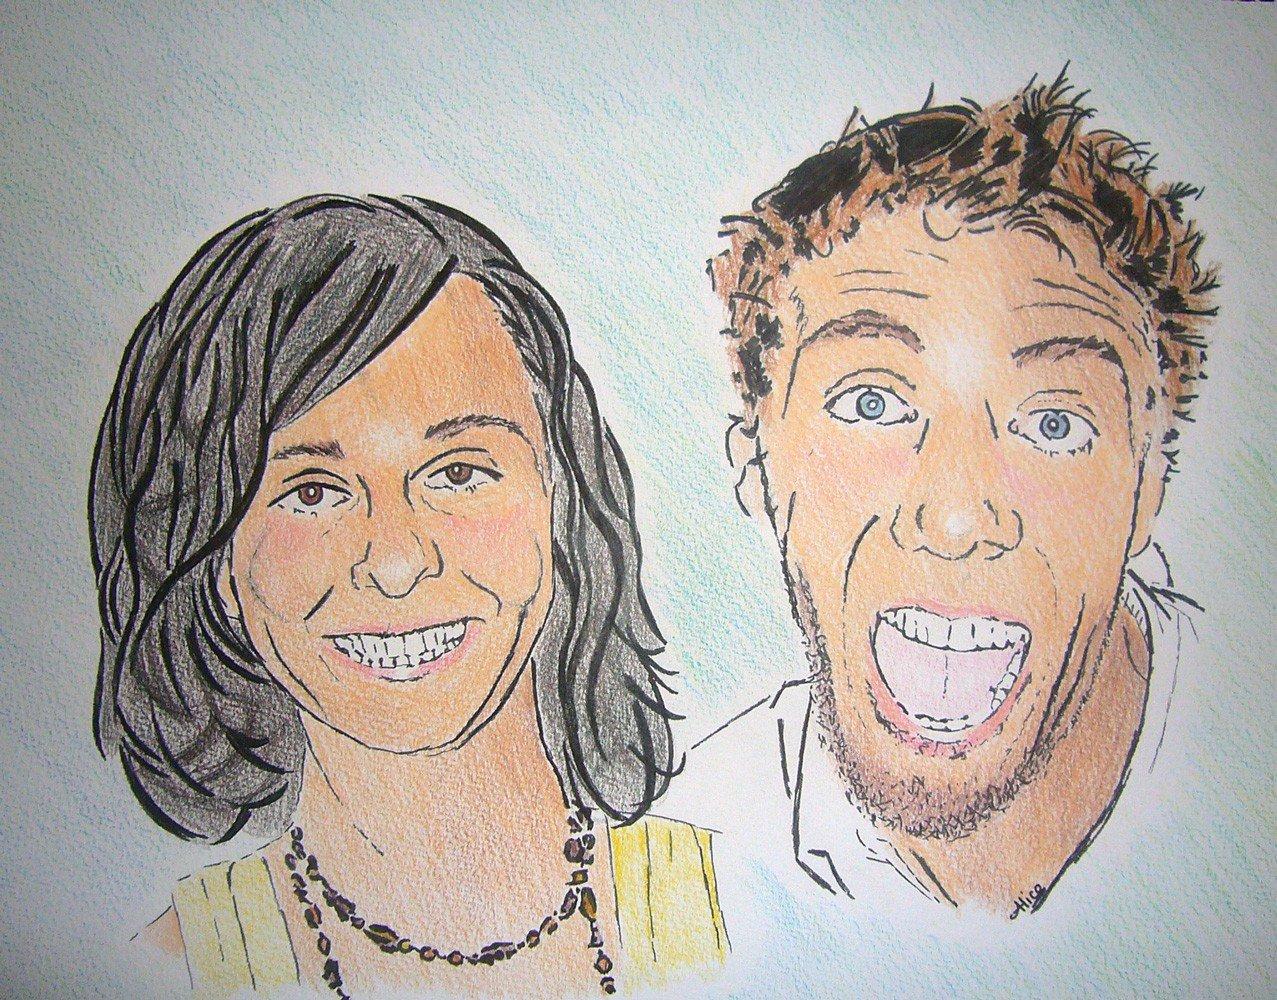 Juju et Thomas au feutre et crayons de couleur style bd par Alice Gerfault